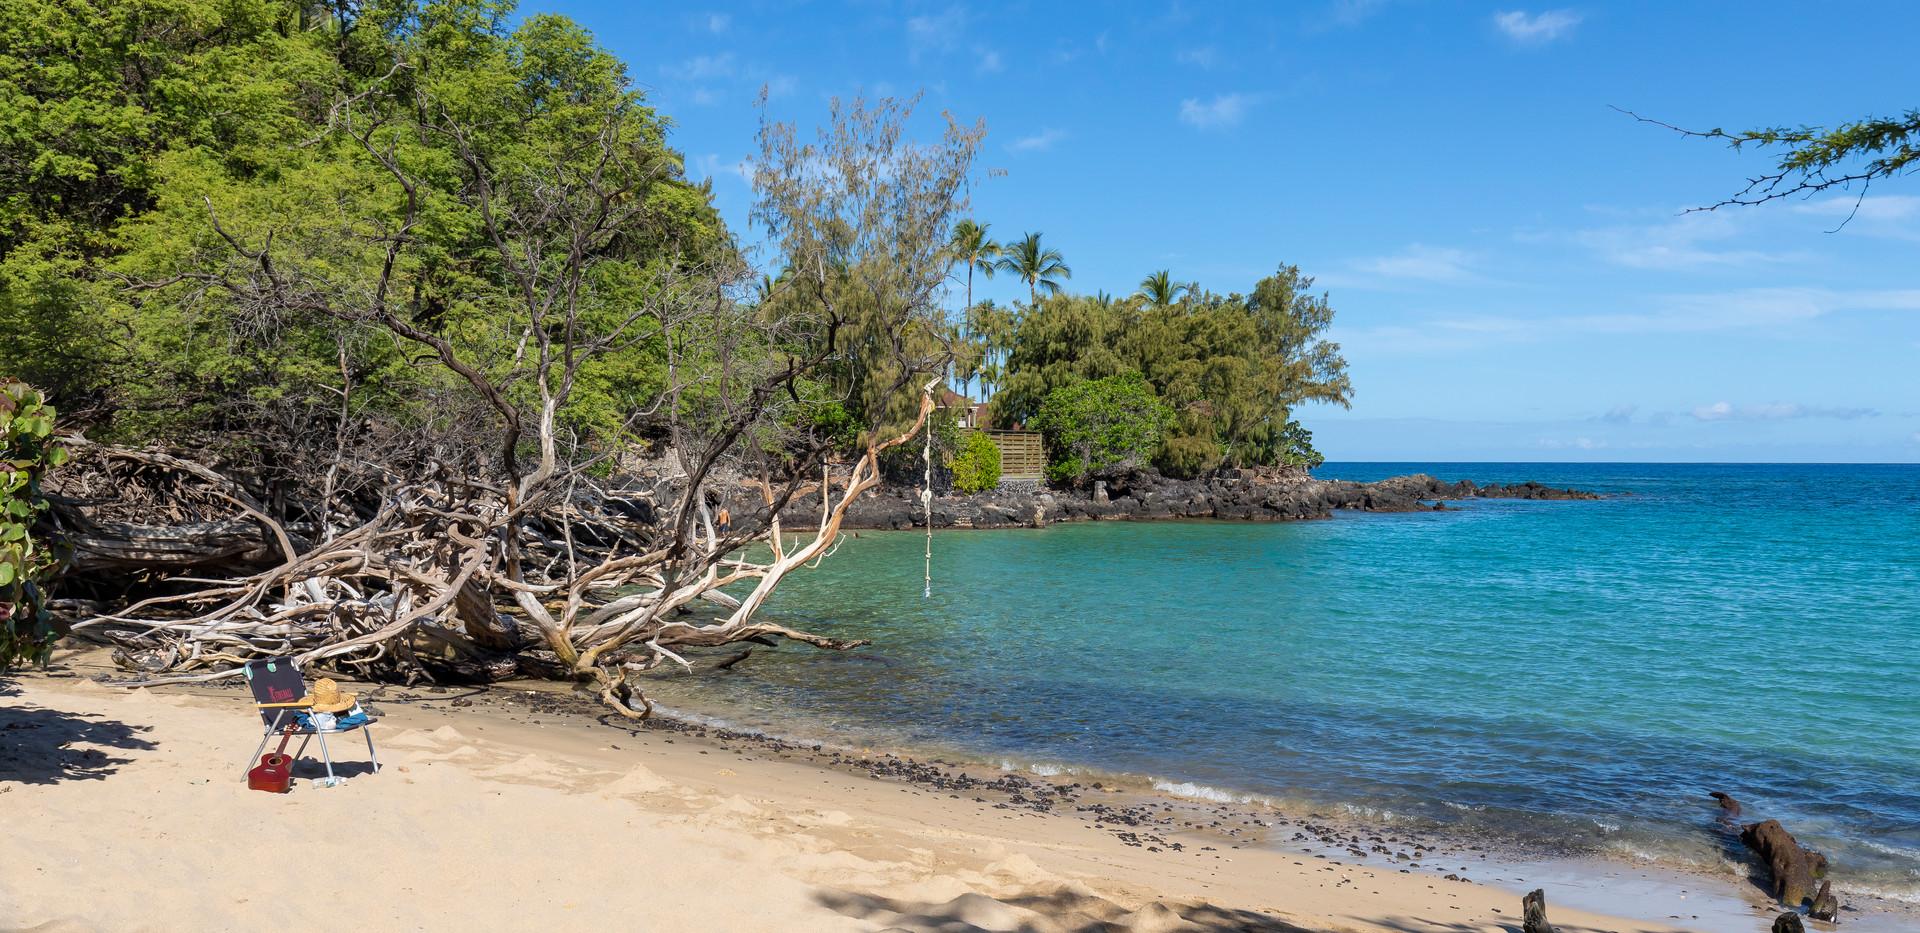 South end of Waialea Bay